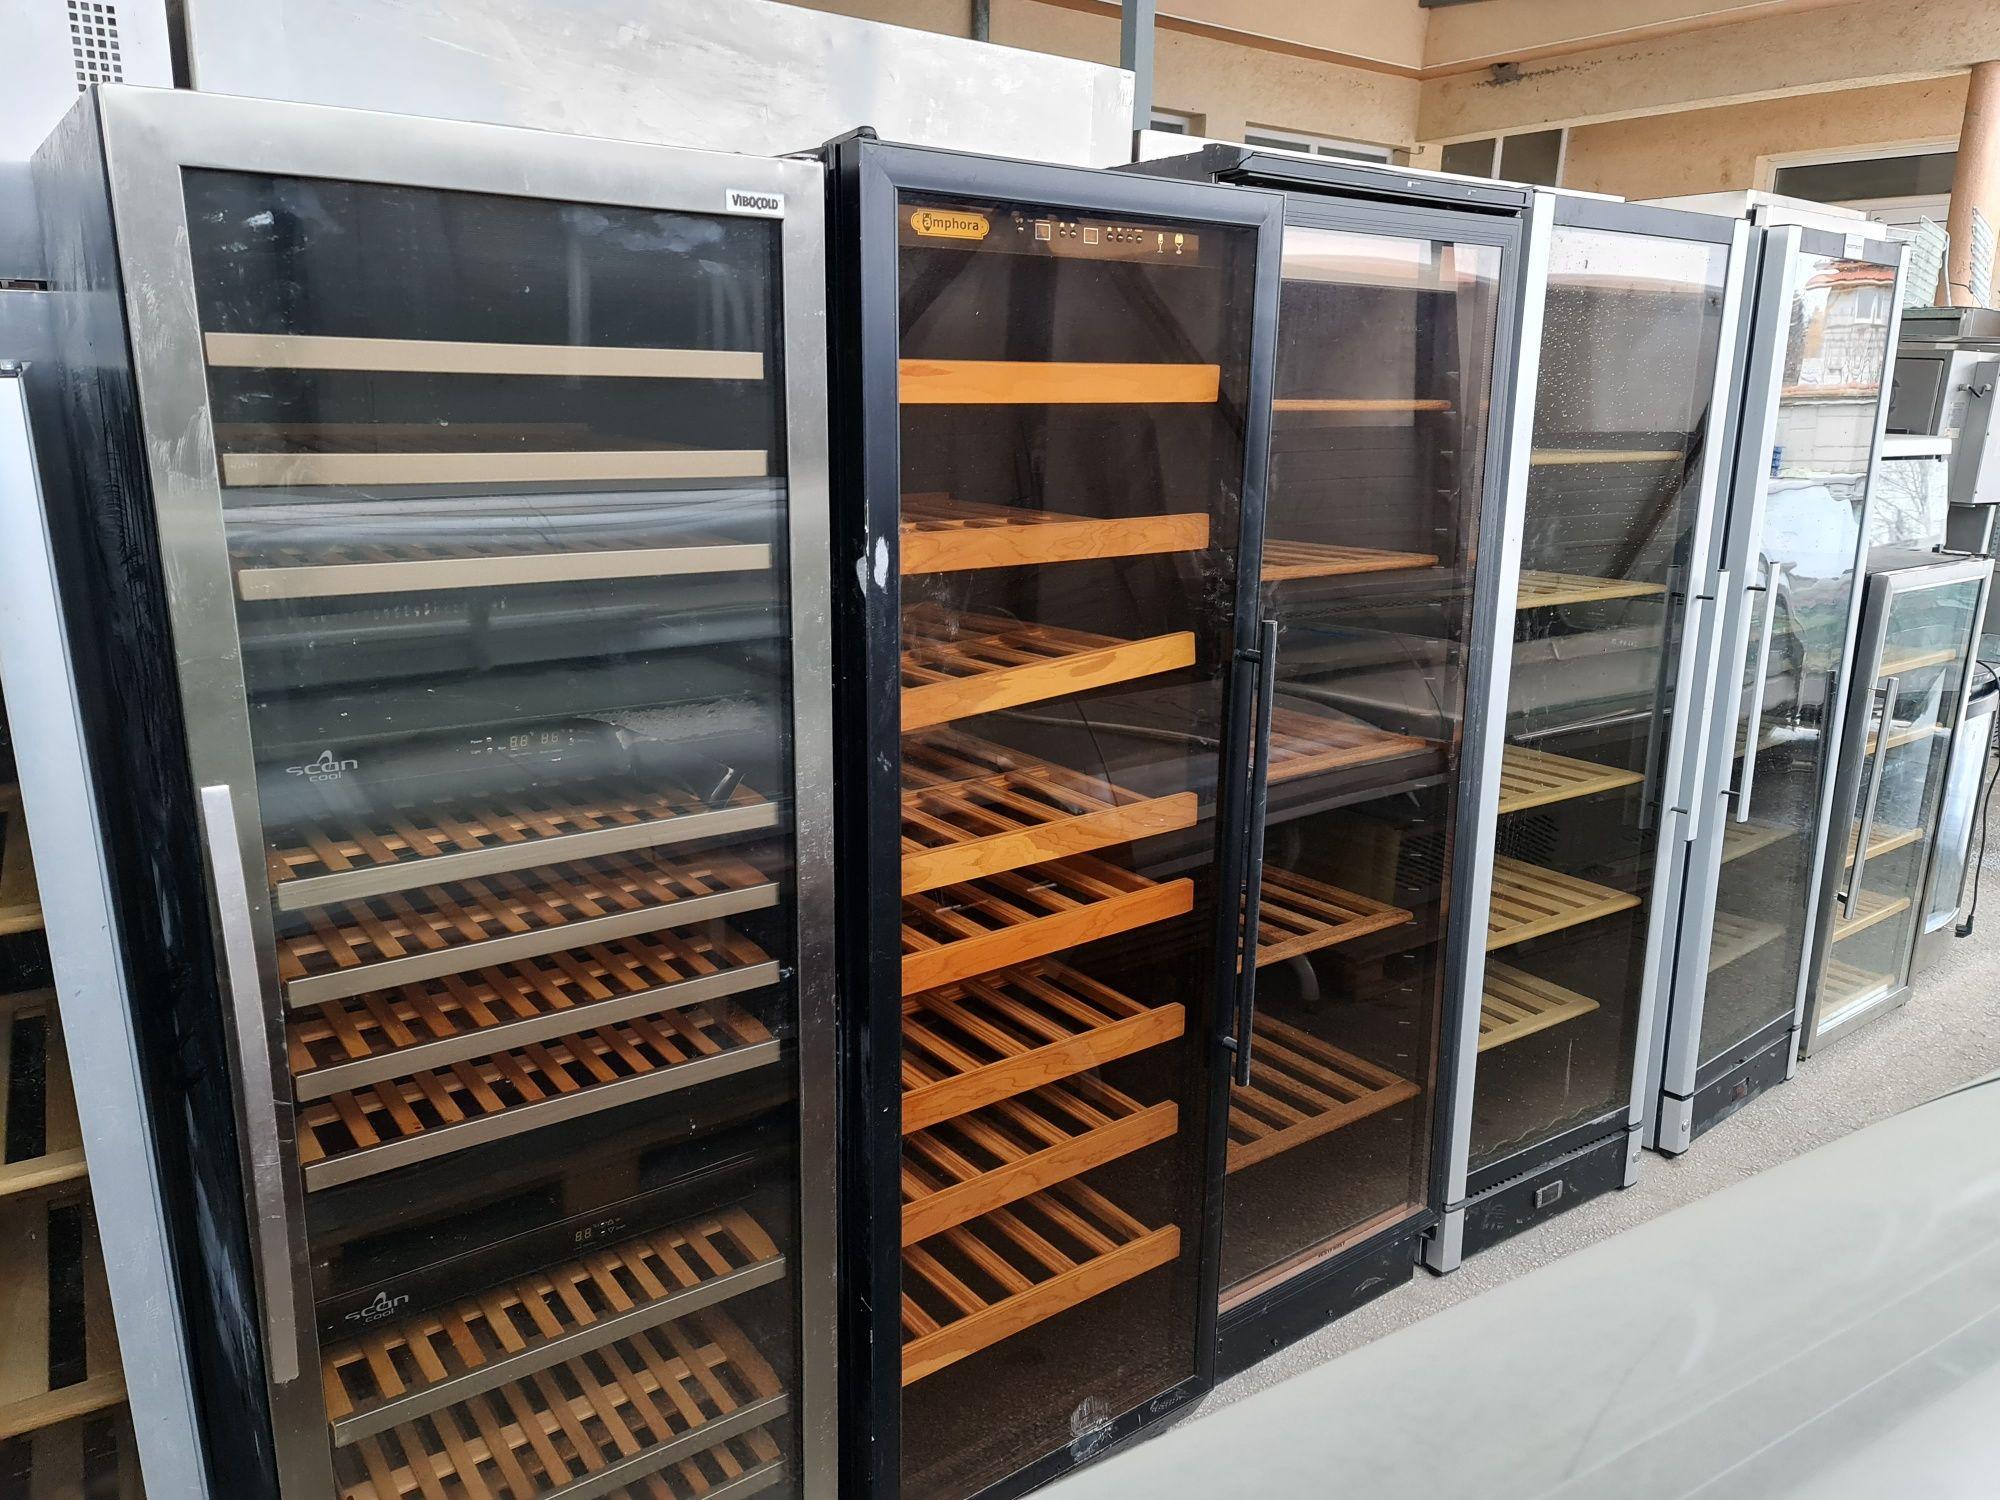 15бр хладилни витрини за вина от600лв,до 1200лв